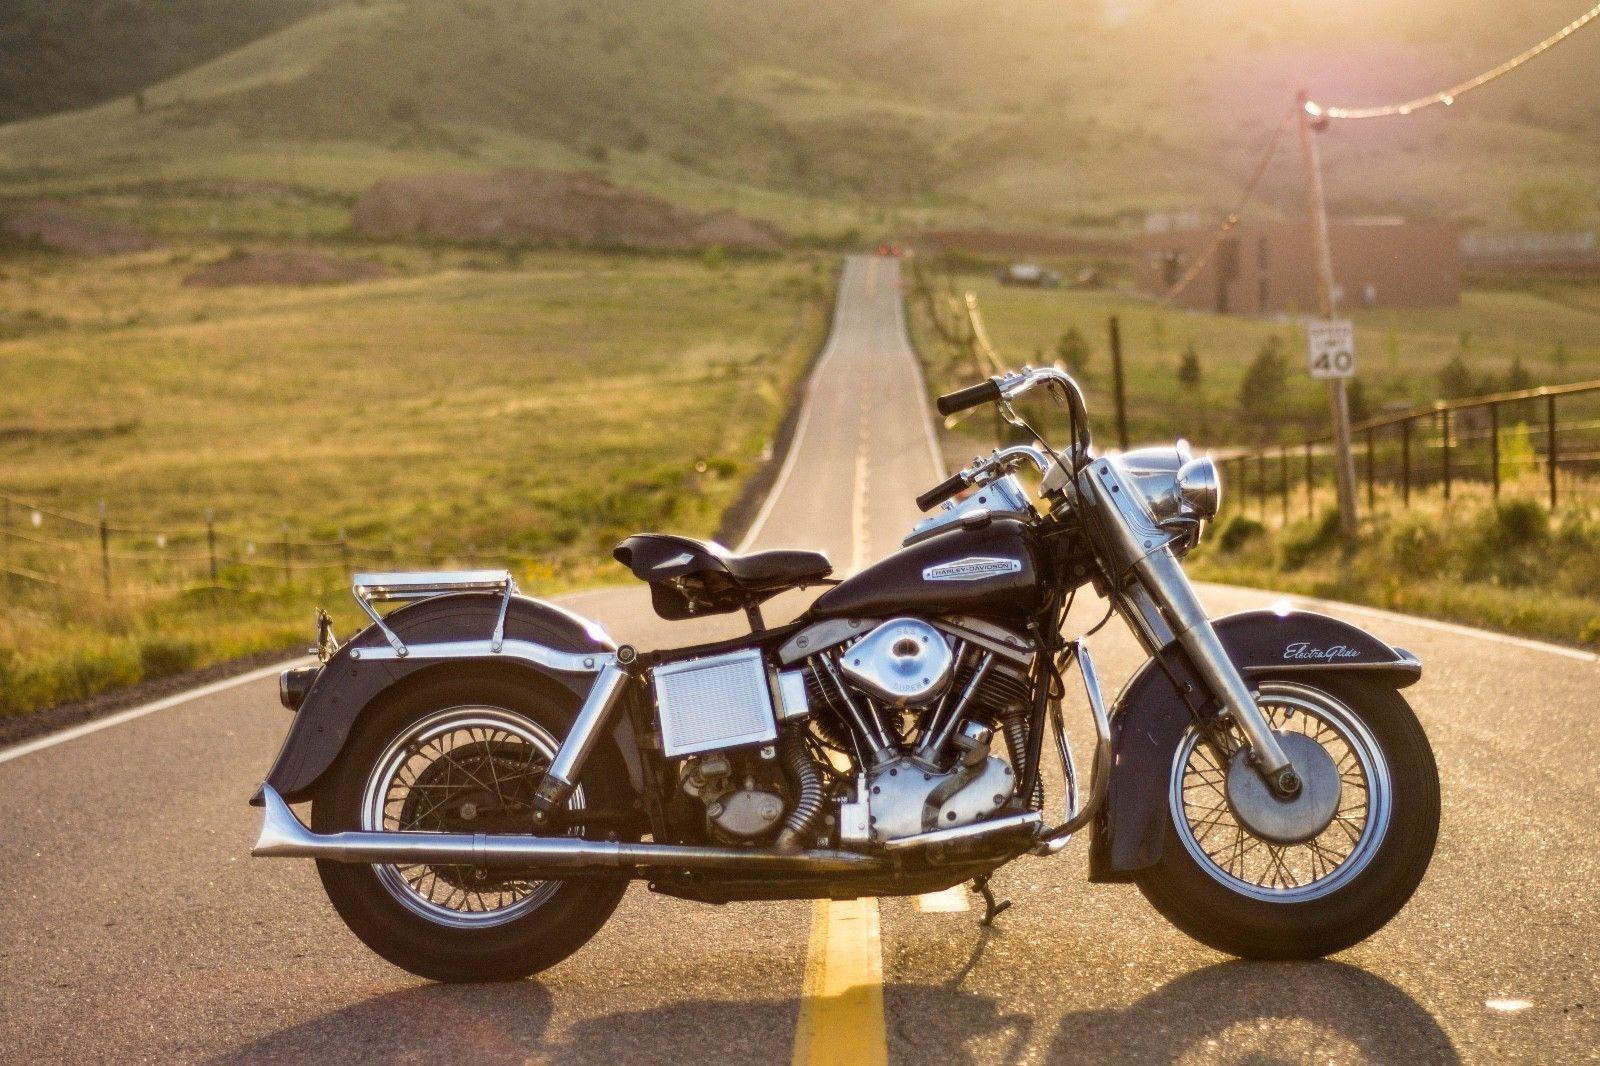 Used Harley Davidson Wheels >> Details About 1970 Harley Davidson Electra Glide Harley